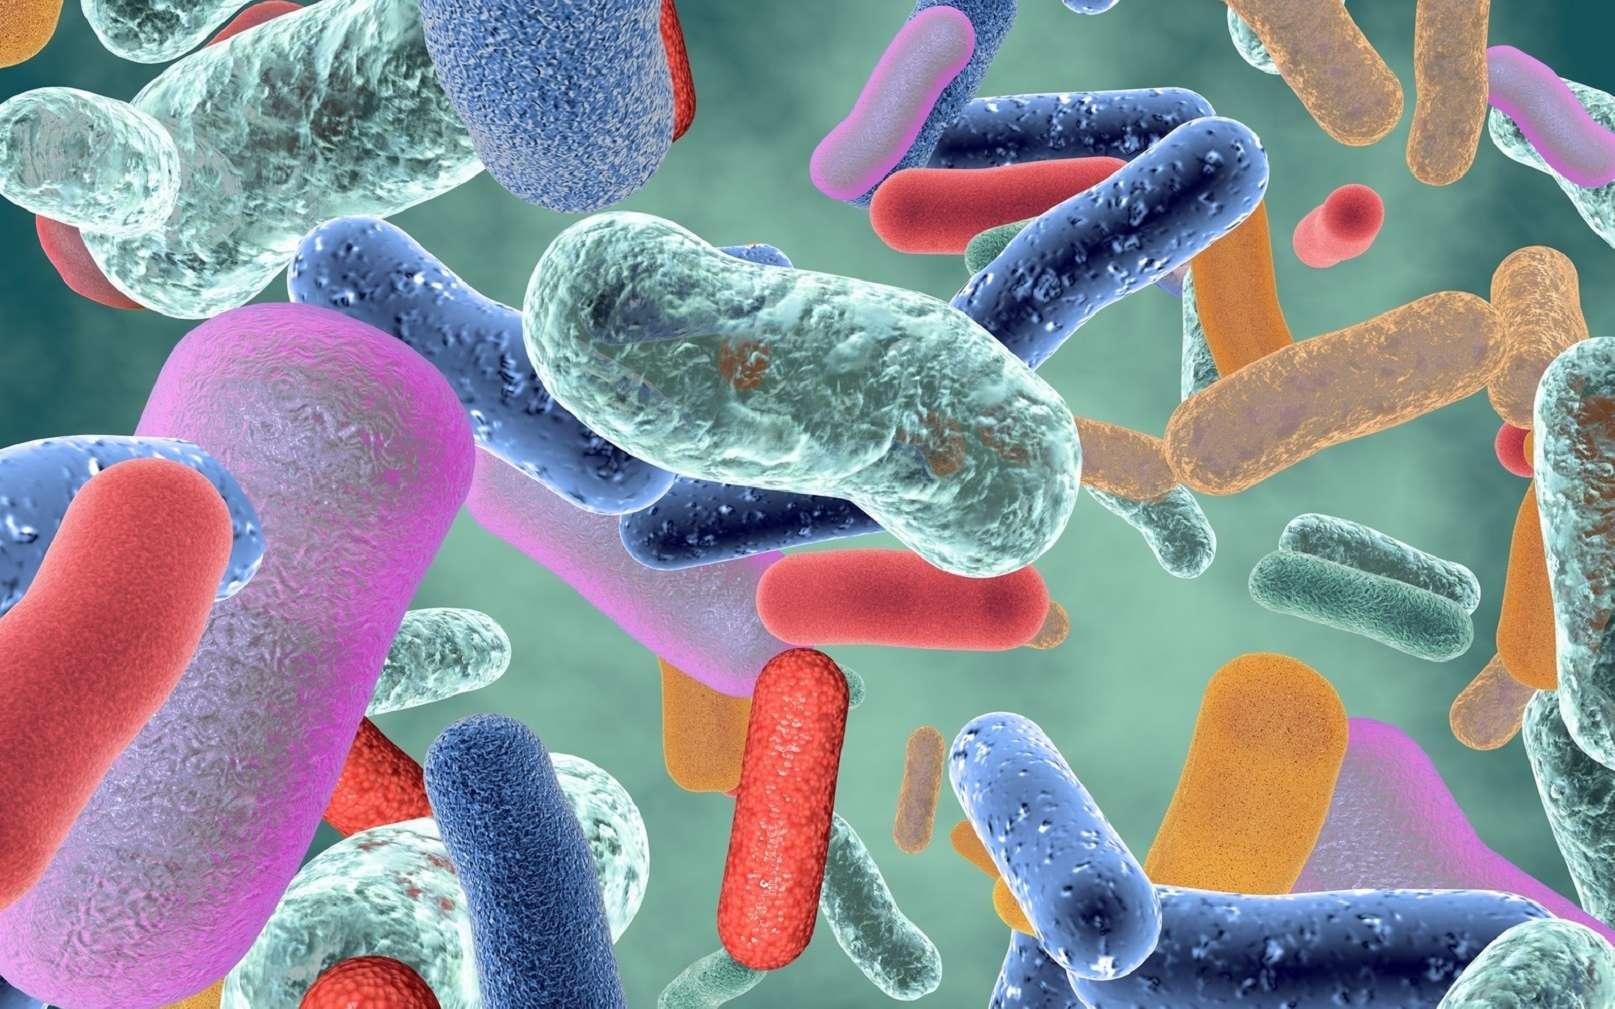 Le microbiote est composé d'une diversité de micro-organismes. © picture-waterfall, Fotolia